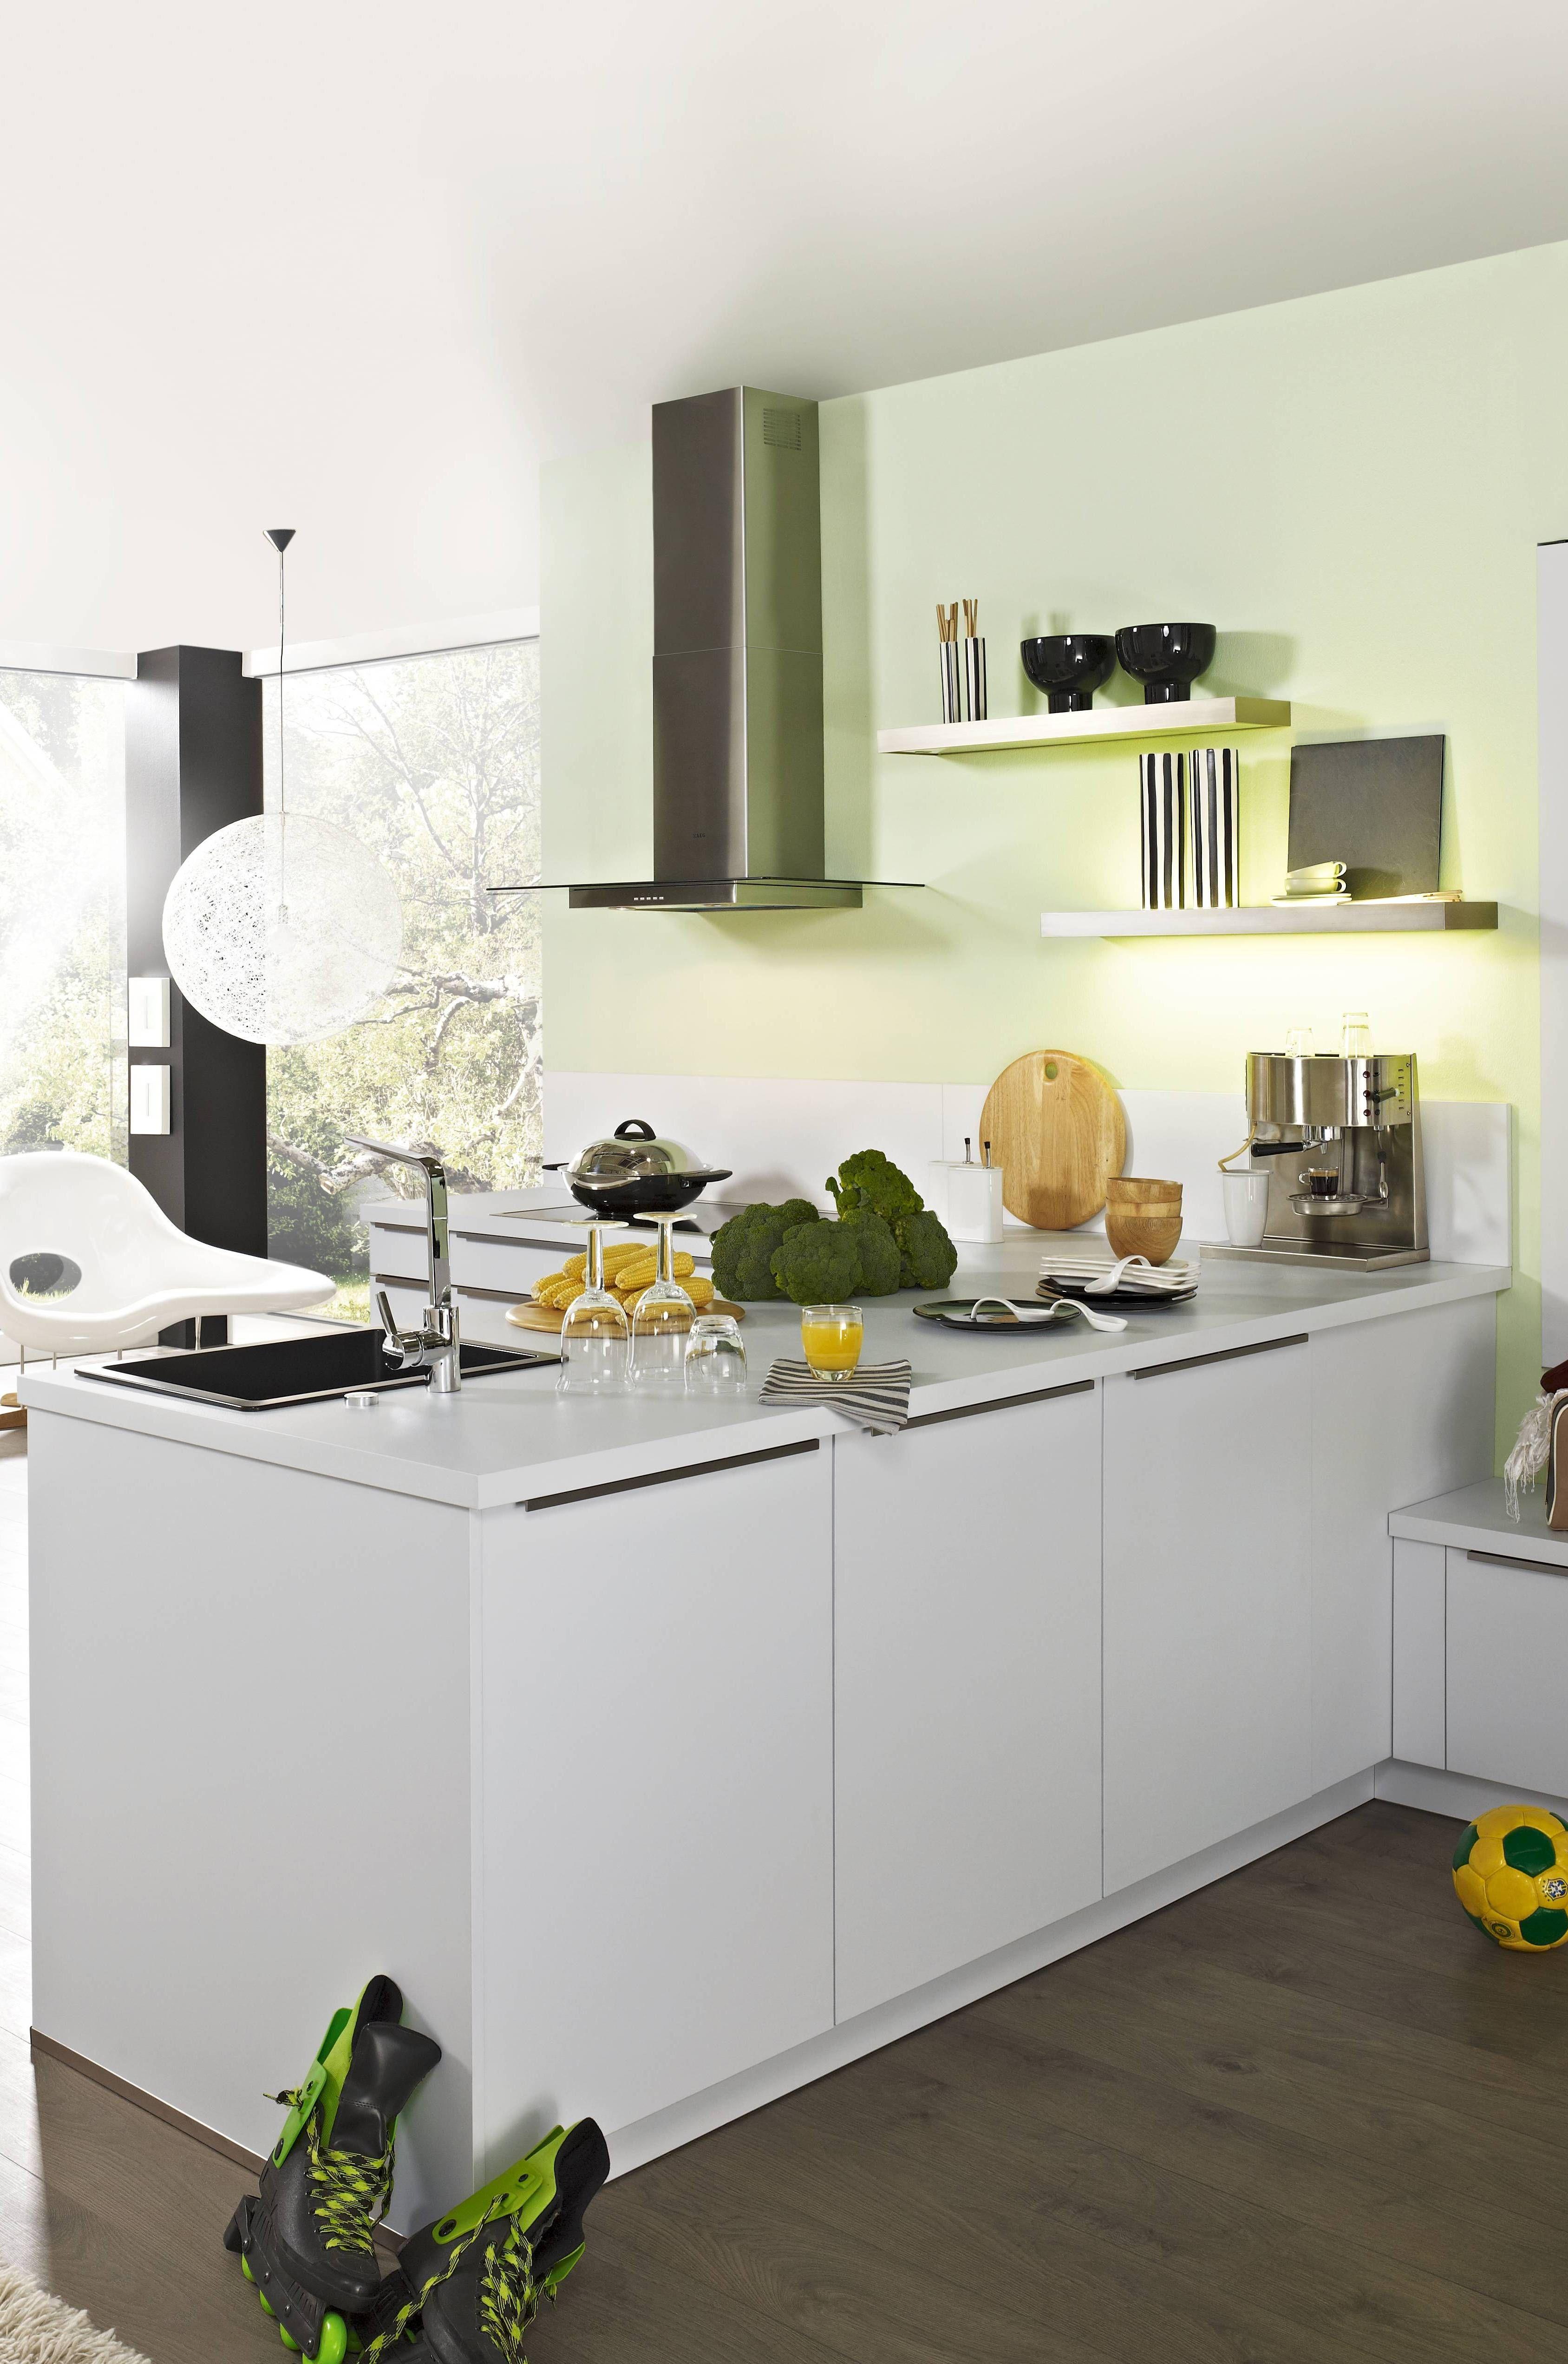 Sie Sehen Hier Eine Elegante Designkuche In Tresenform Mit Hochwertigen Kuchenmobeln Von Bauformat Die Front Und Arbeit Kuchen Design Kuche Tresen Kuche Block